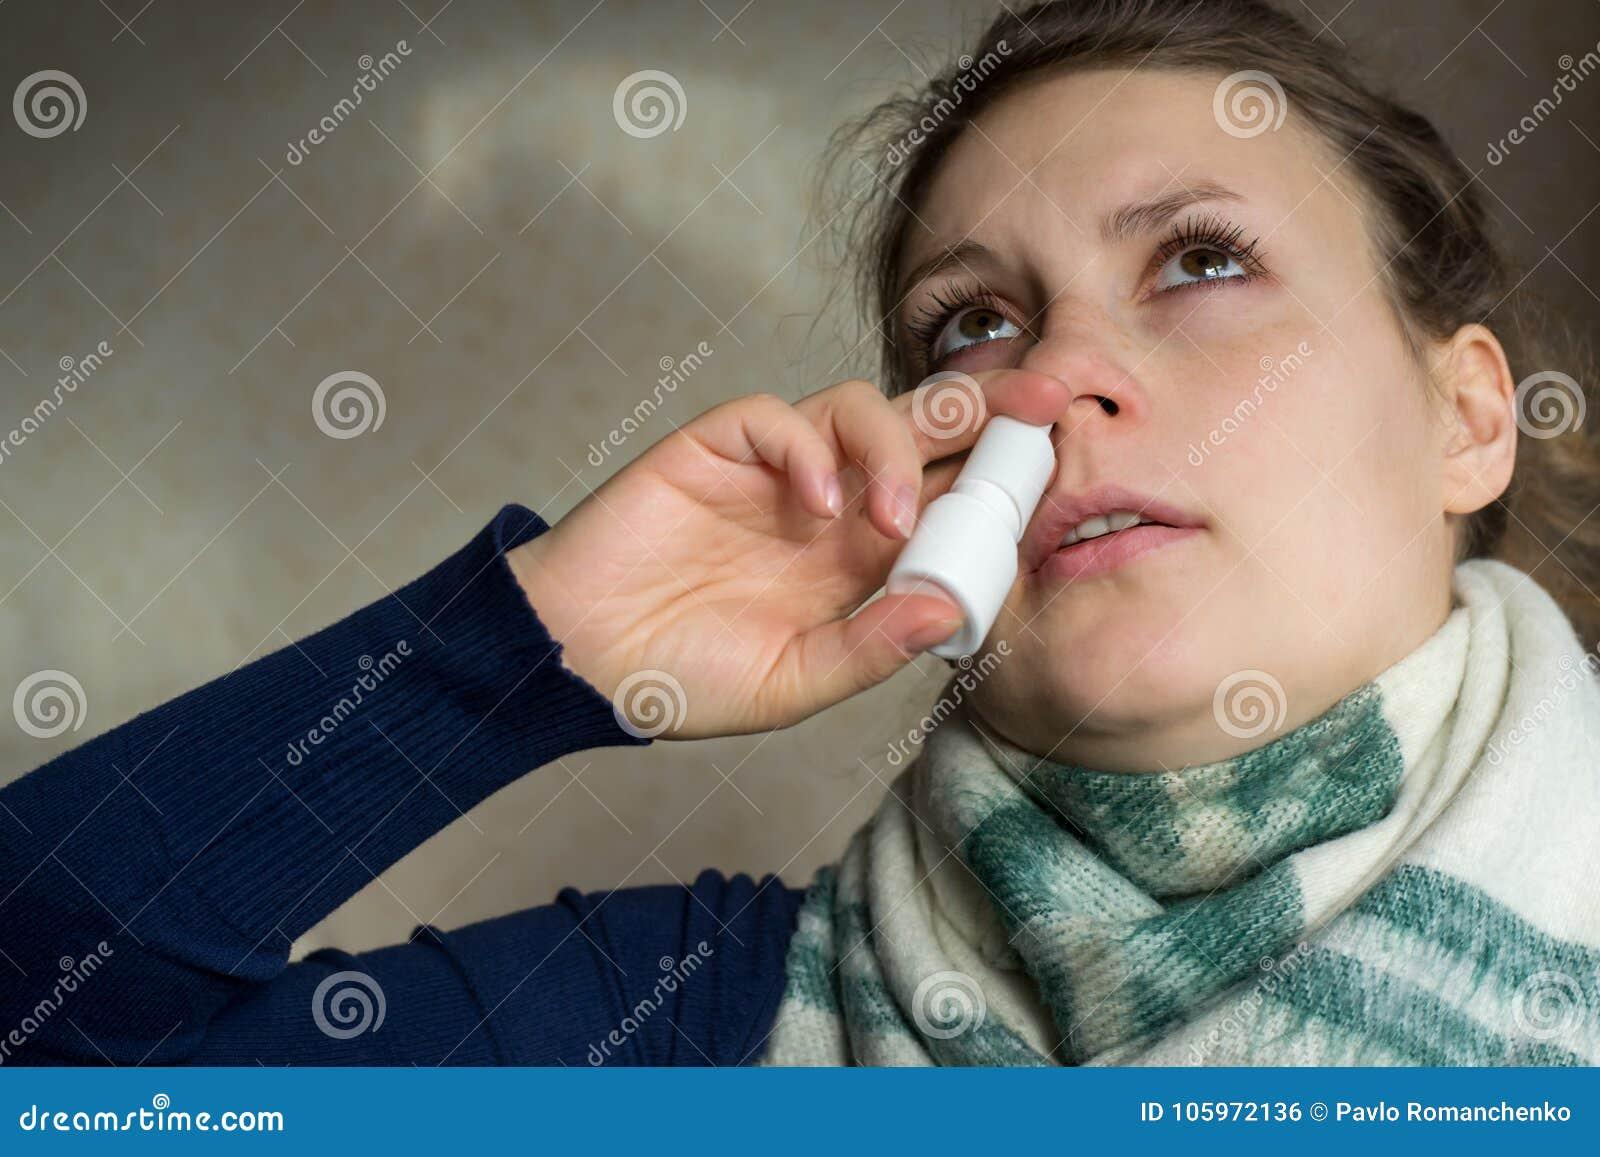 Больная девушка распыляет брызг от жидкого носа в носовой пропуск